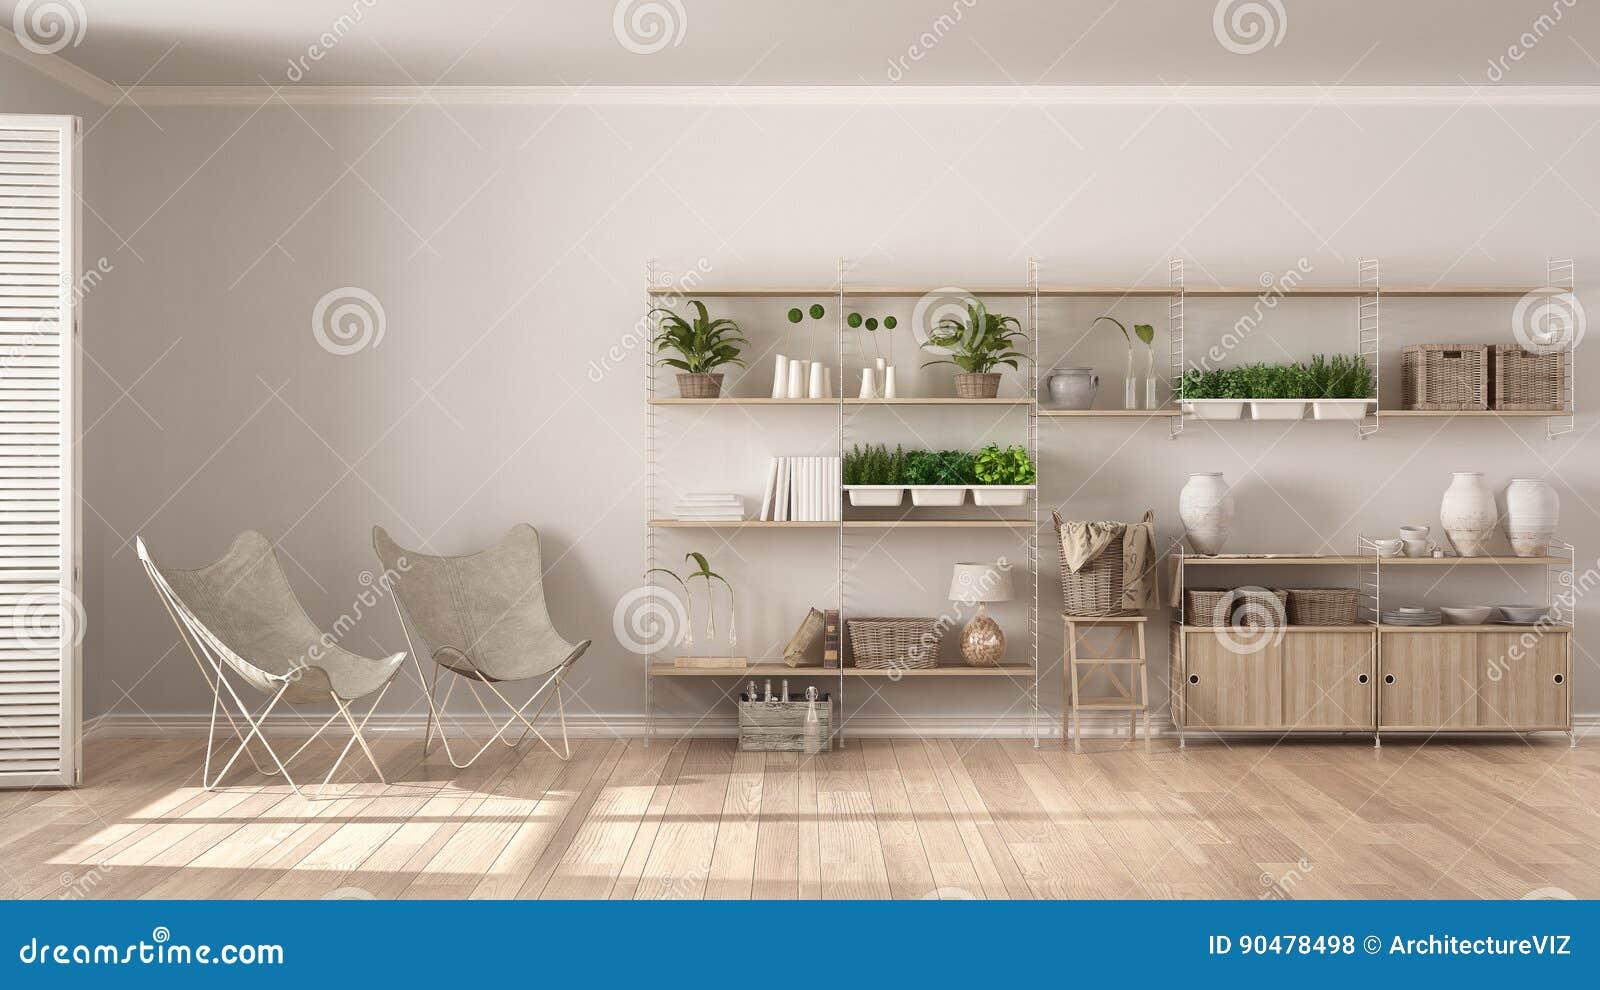 Verticale Tuin Woonkamer : Eco binnenlands ontwerp met houten boekenrek diy verticale tuin s